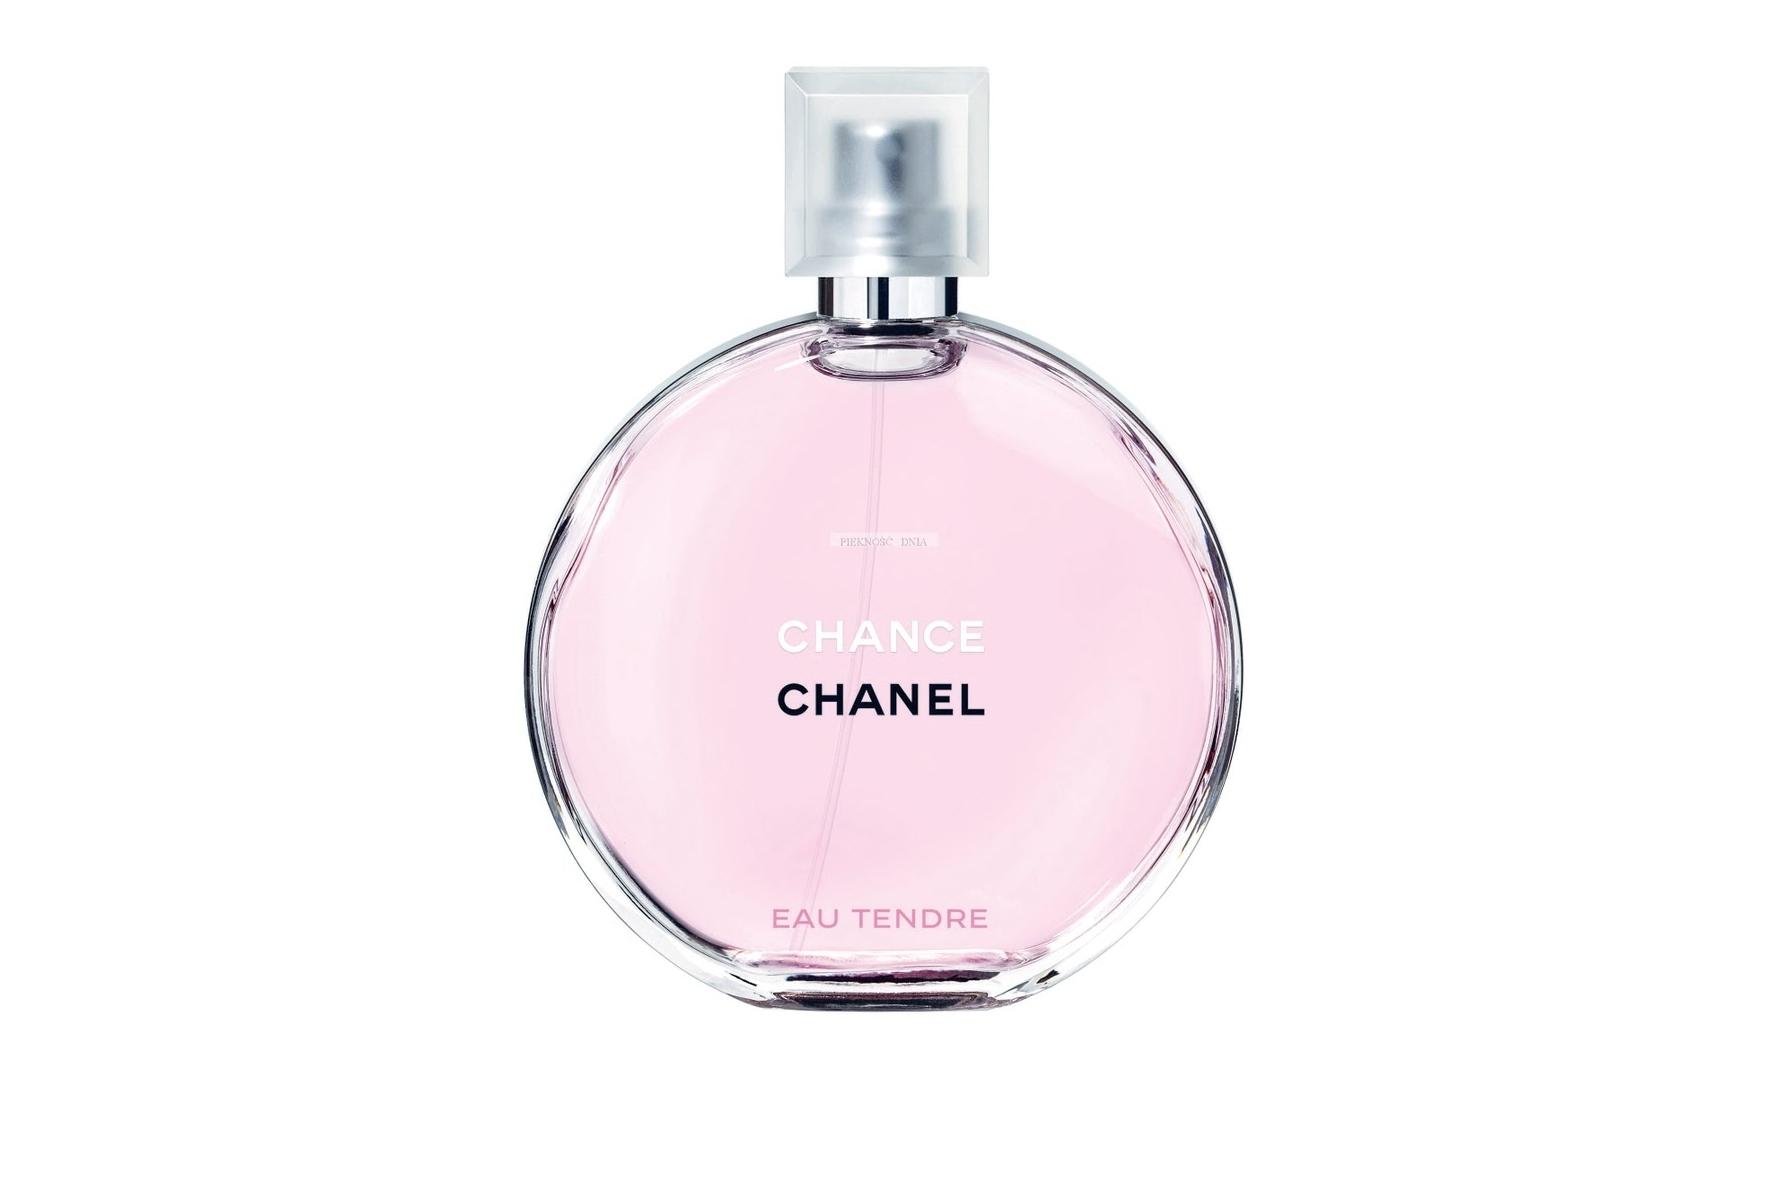 Весенний аромат Chance Eau Tendre представляет собой новую версию предыдущего аромата Chance. На этот раз композиция новых дневных духов будет еще более насыщена цветочно-фруктовыми нотами. Ведь достойный женский аромат, как нимфа, должен звучать мягко!